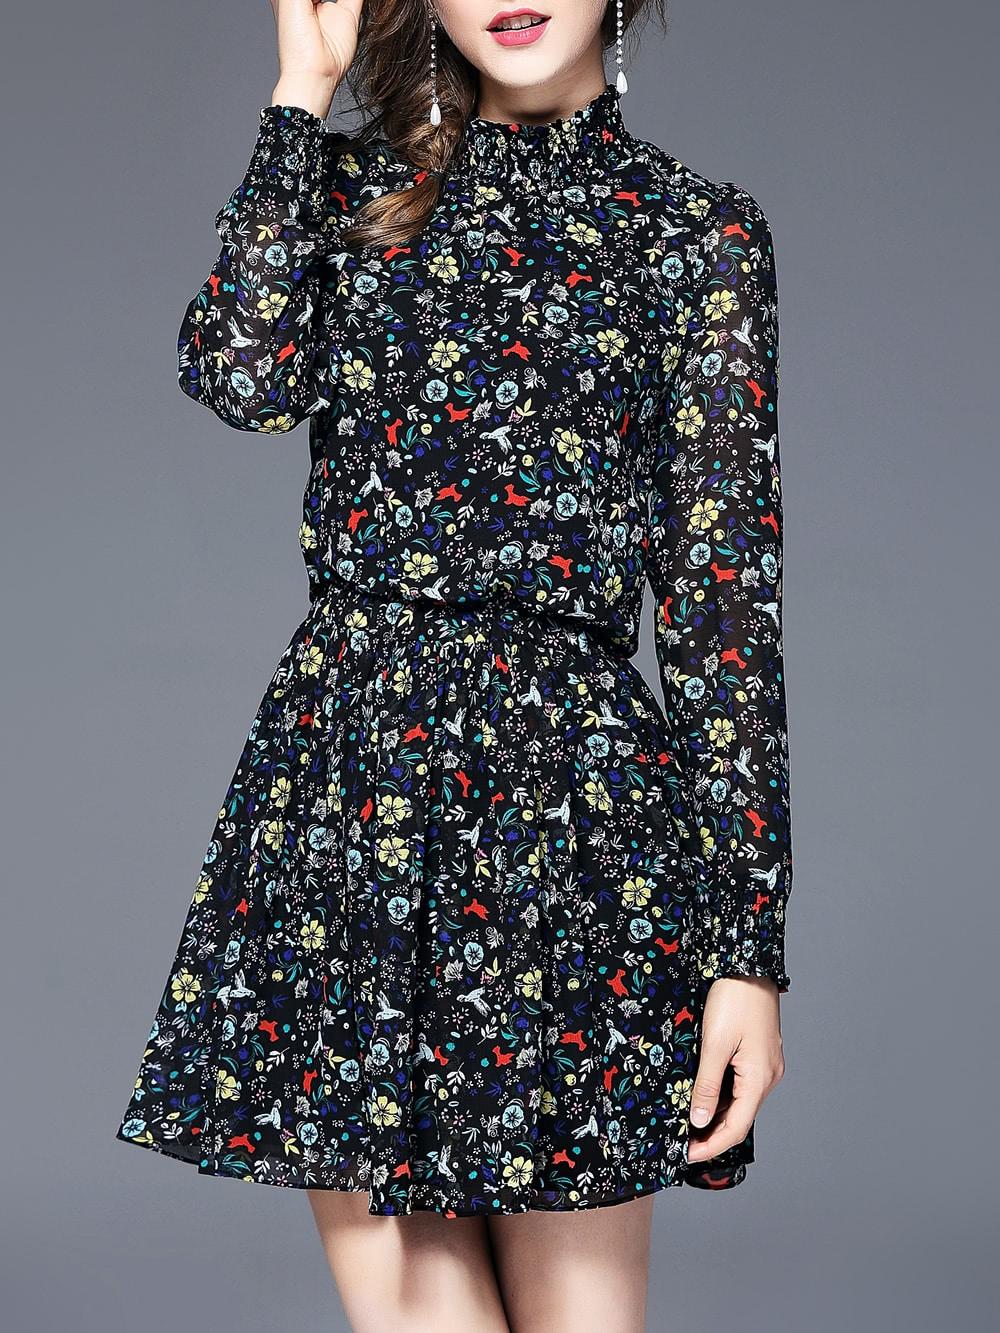 Купить Элегантный цветочный многоцветный Платья, null, SheIn